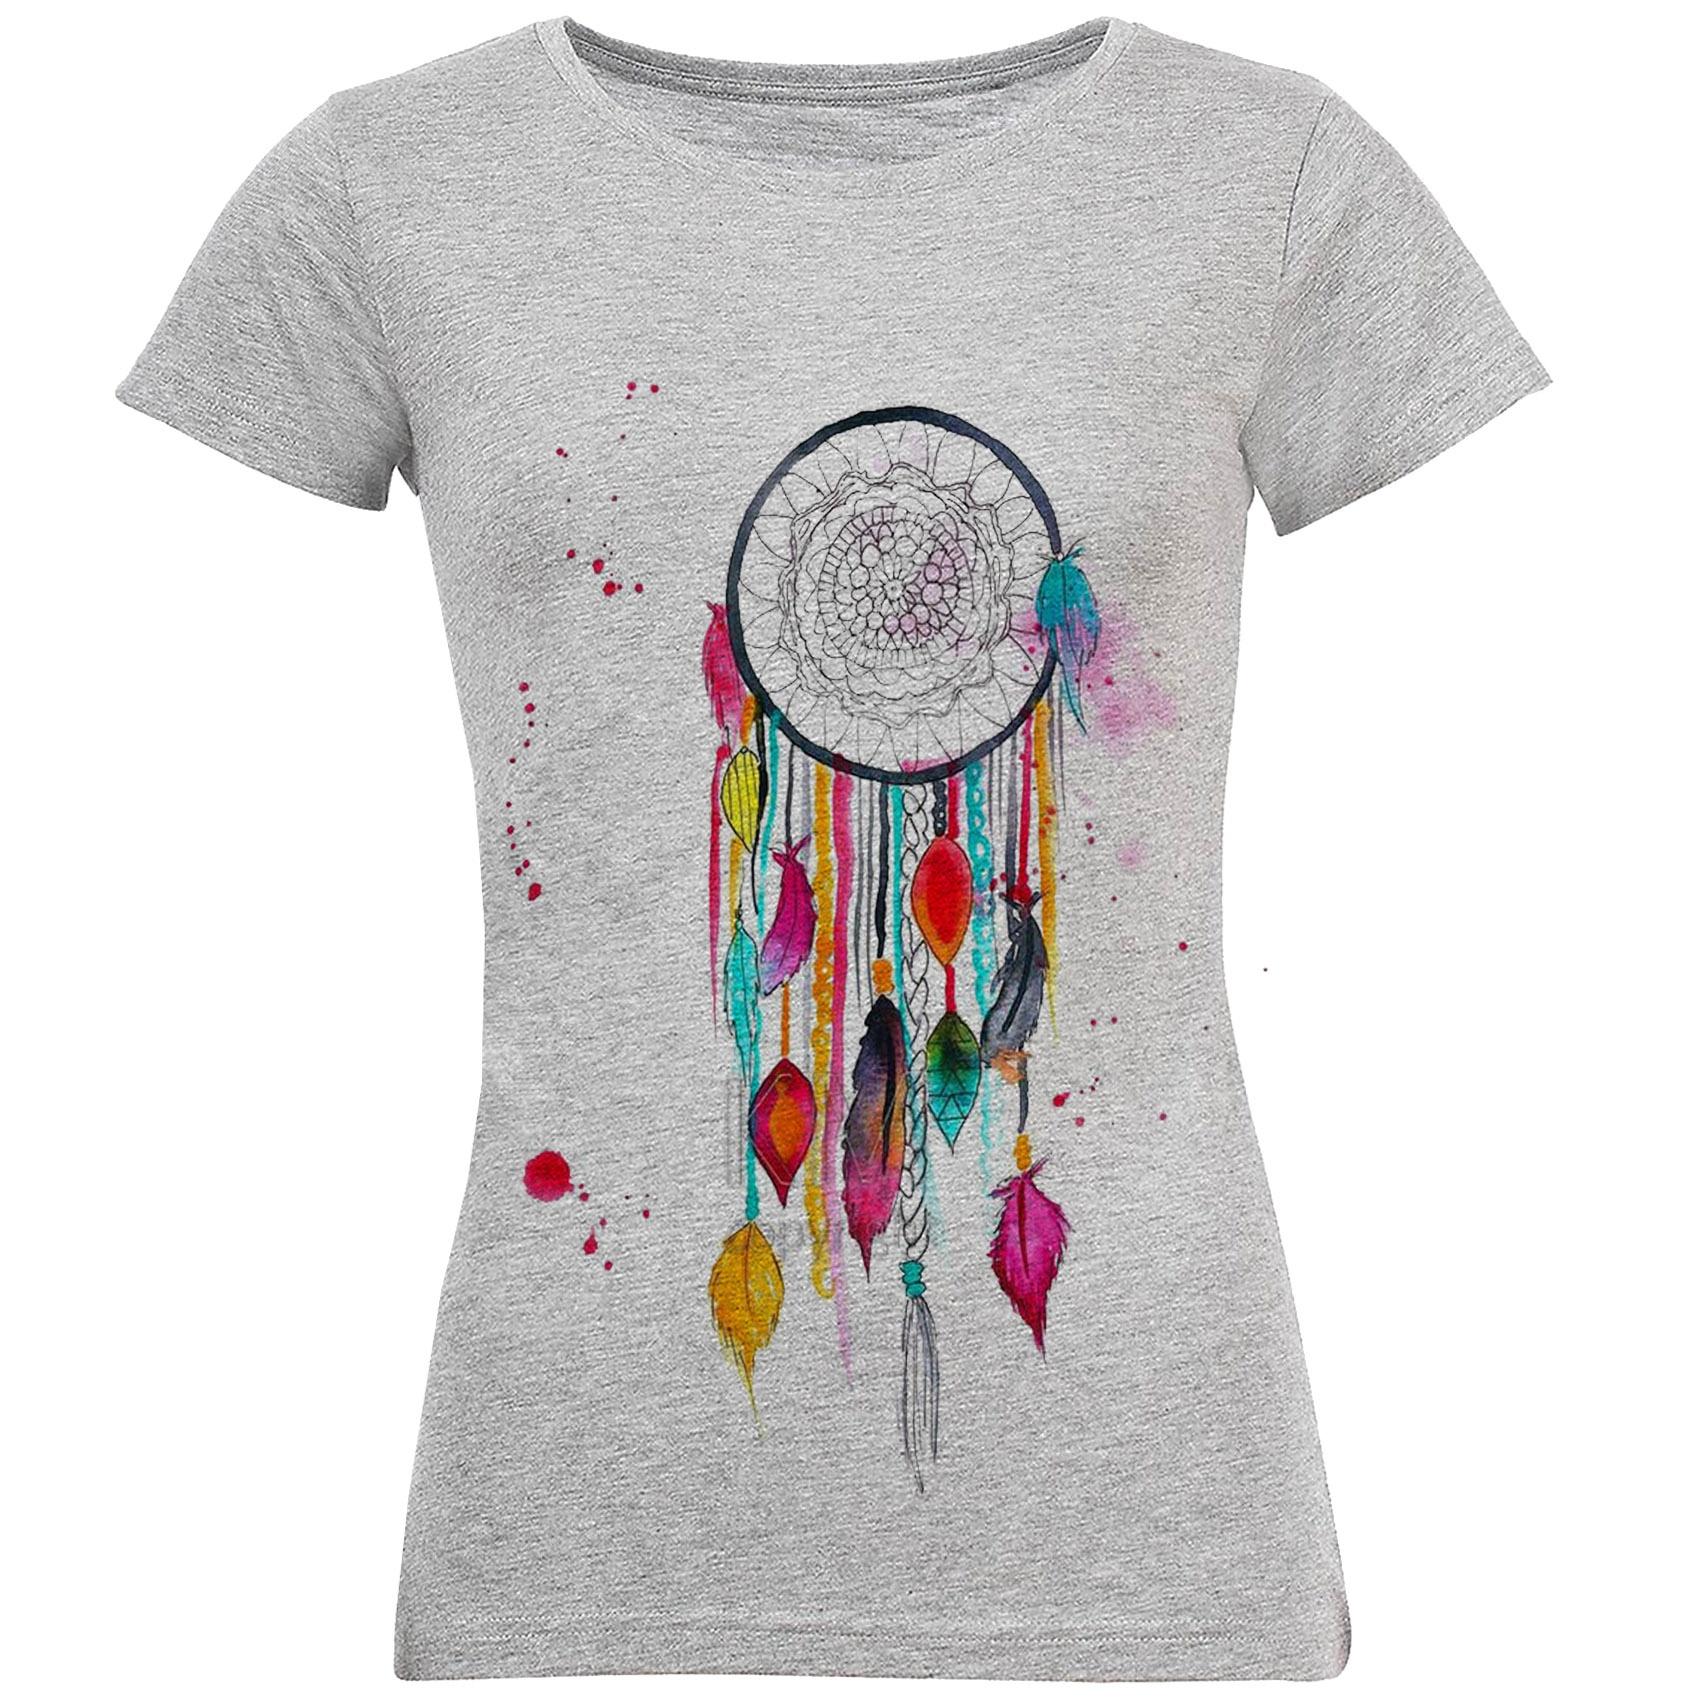 تی شرت زنانه طرح دریم کچر کد S183